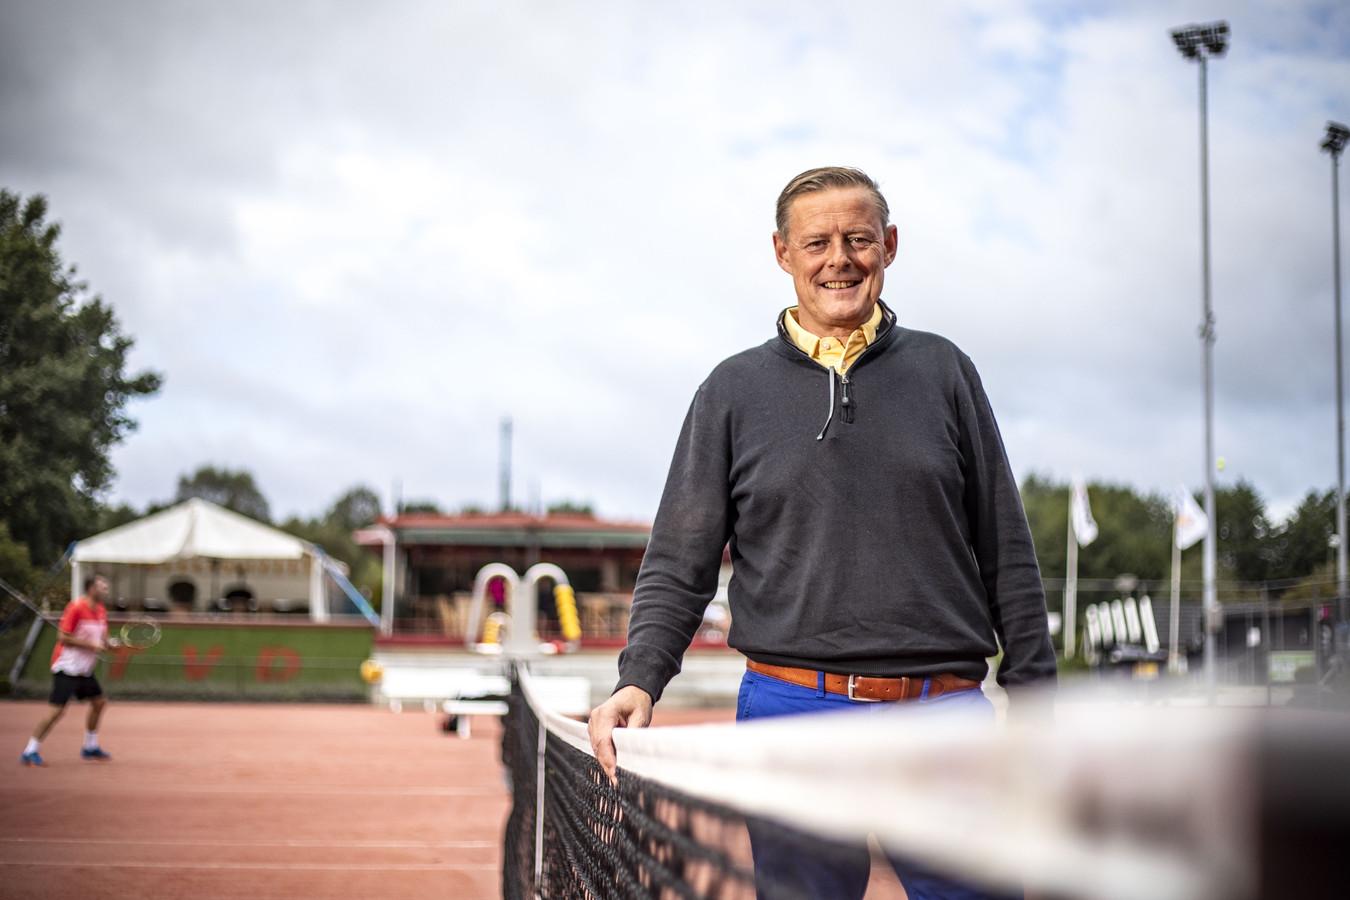 Victor Markink aan het net op zijn toekomstige werkplek: de banen van Tennisvereniging Denekamp.